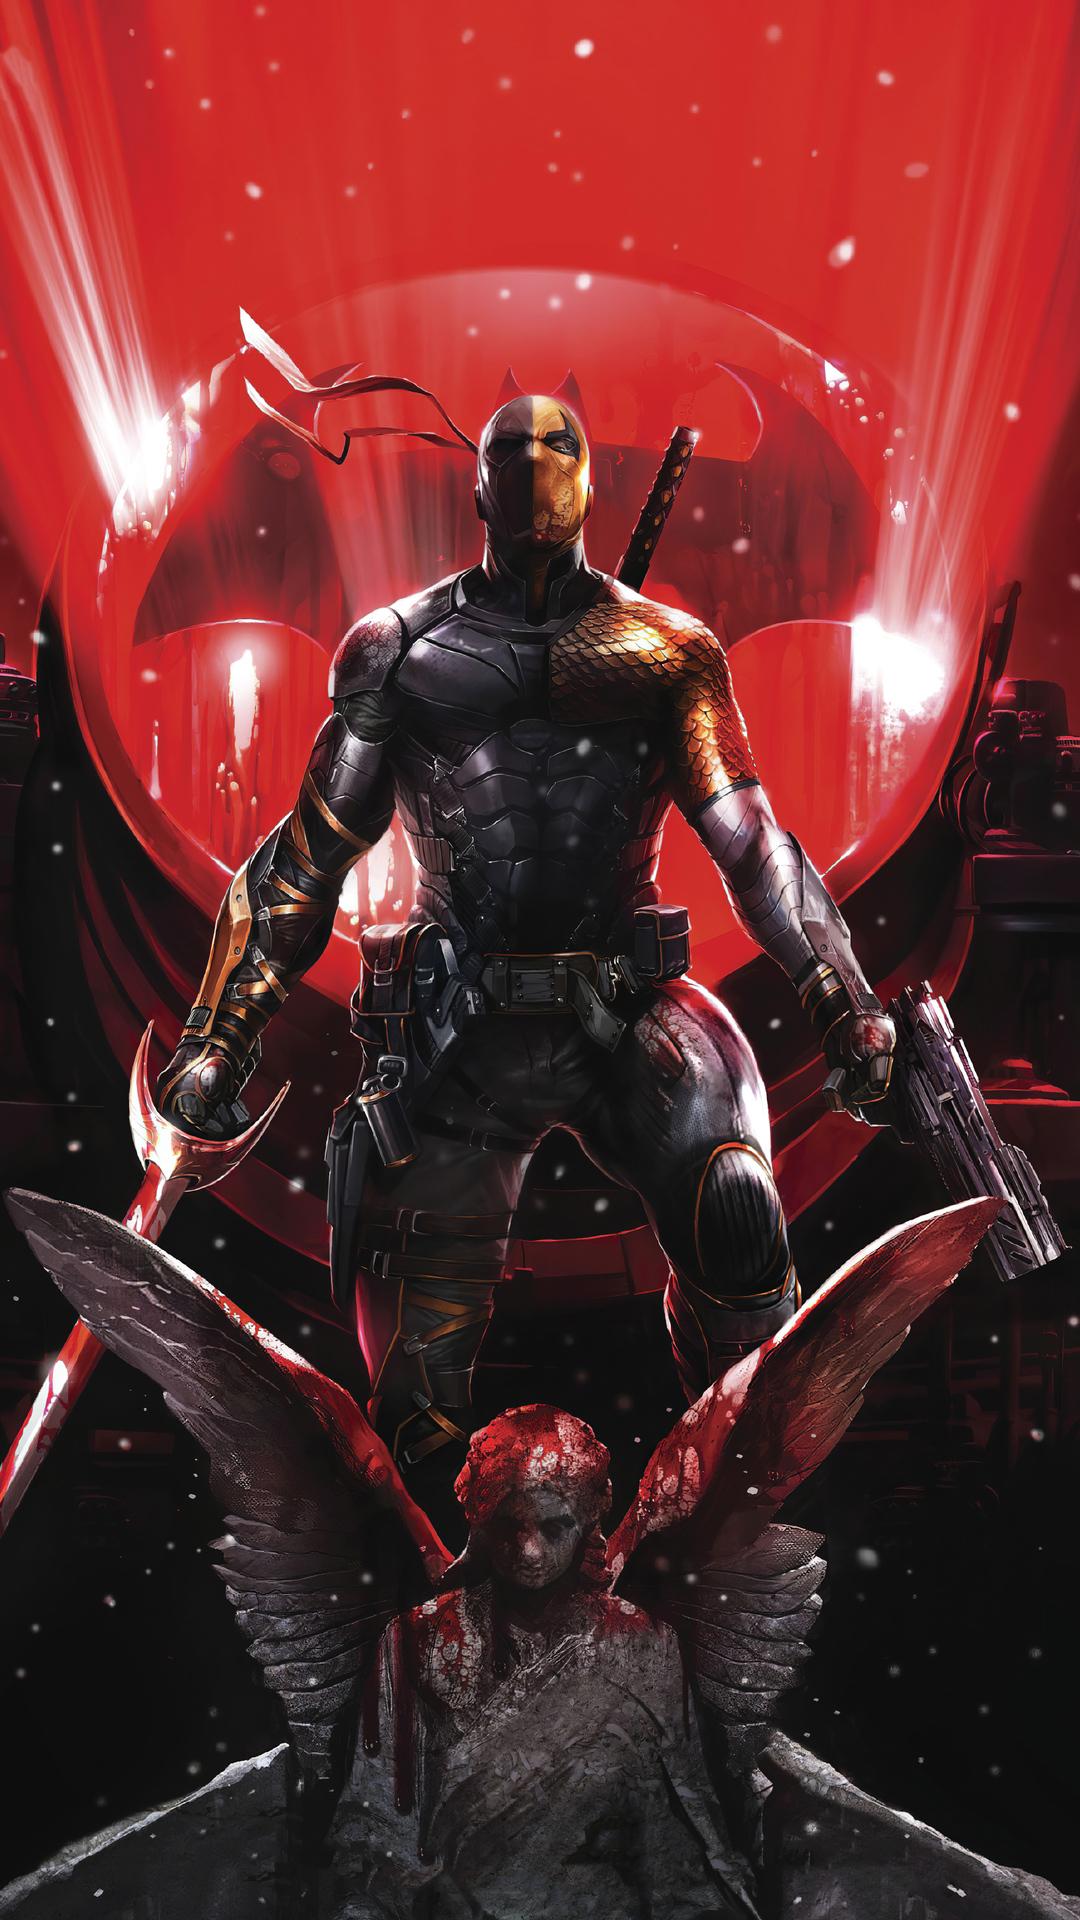 Deathstroke Superheroes Artwork Hd 4k Images